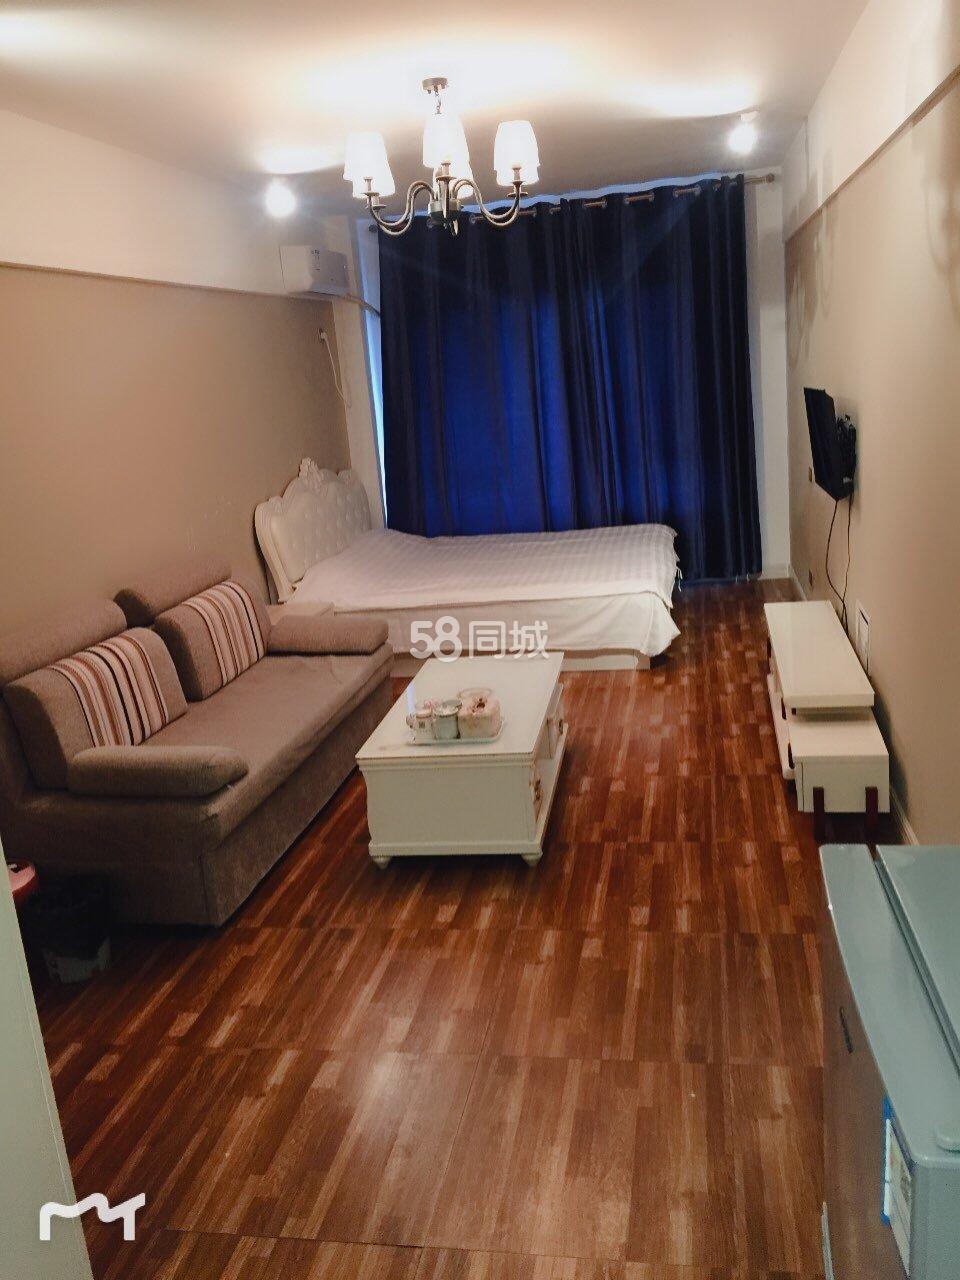 泰格公寓澳门金沙城中心,澳门金沙官网铂金时代可以月付